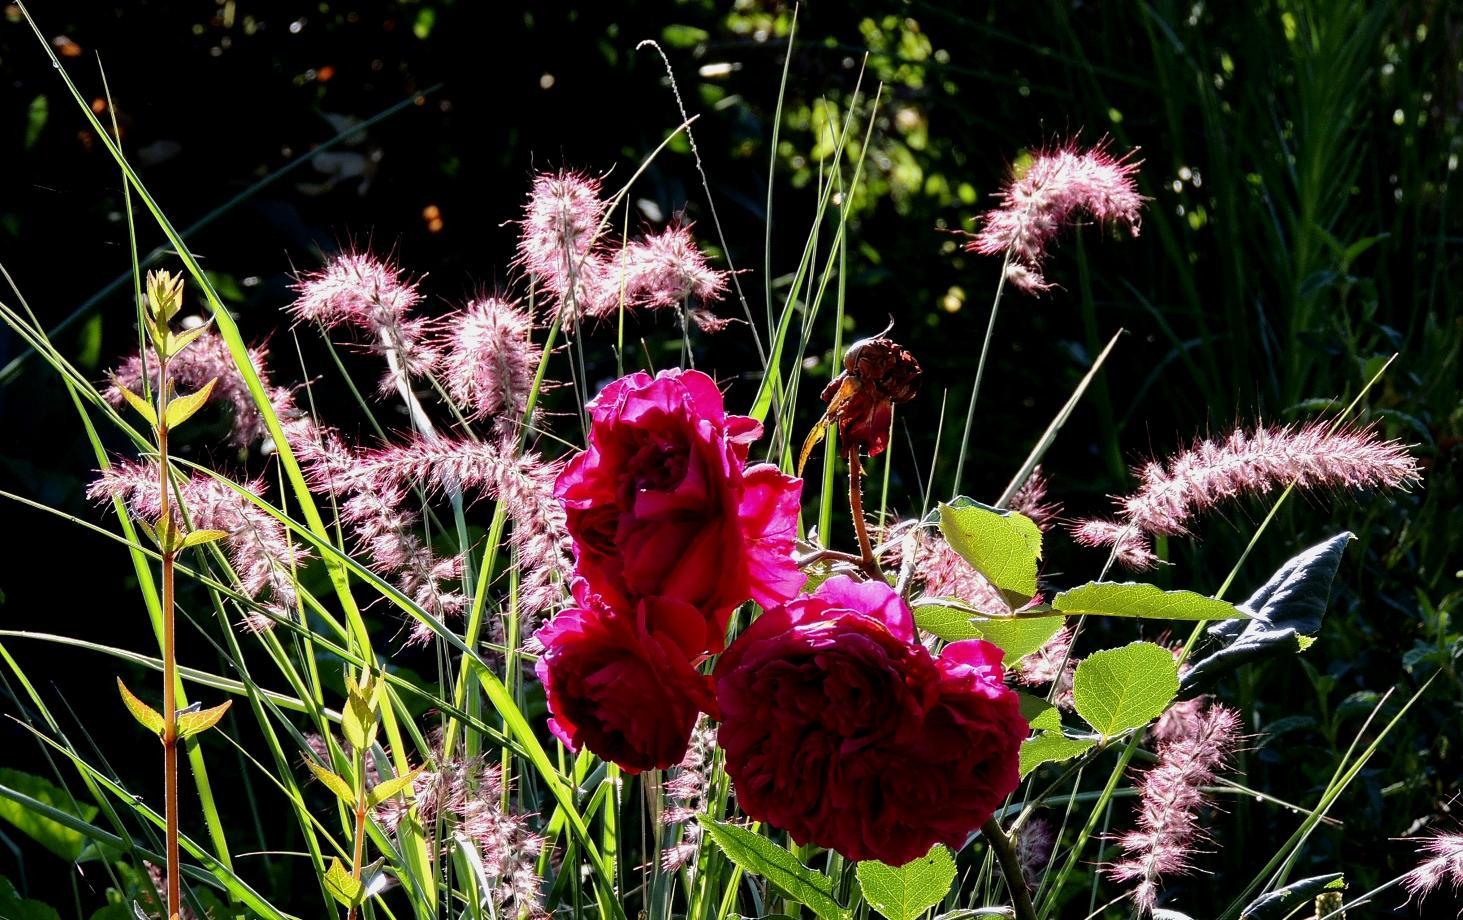 Pennisetum Karley Rose LD Braithwaite 0619